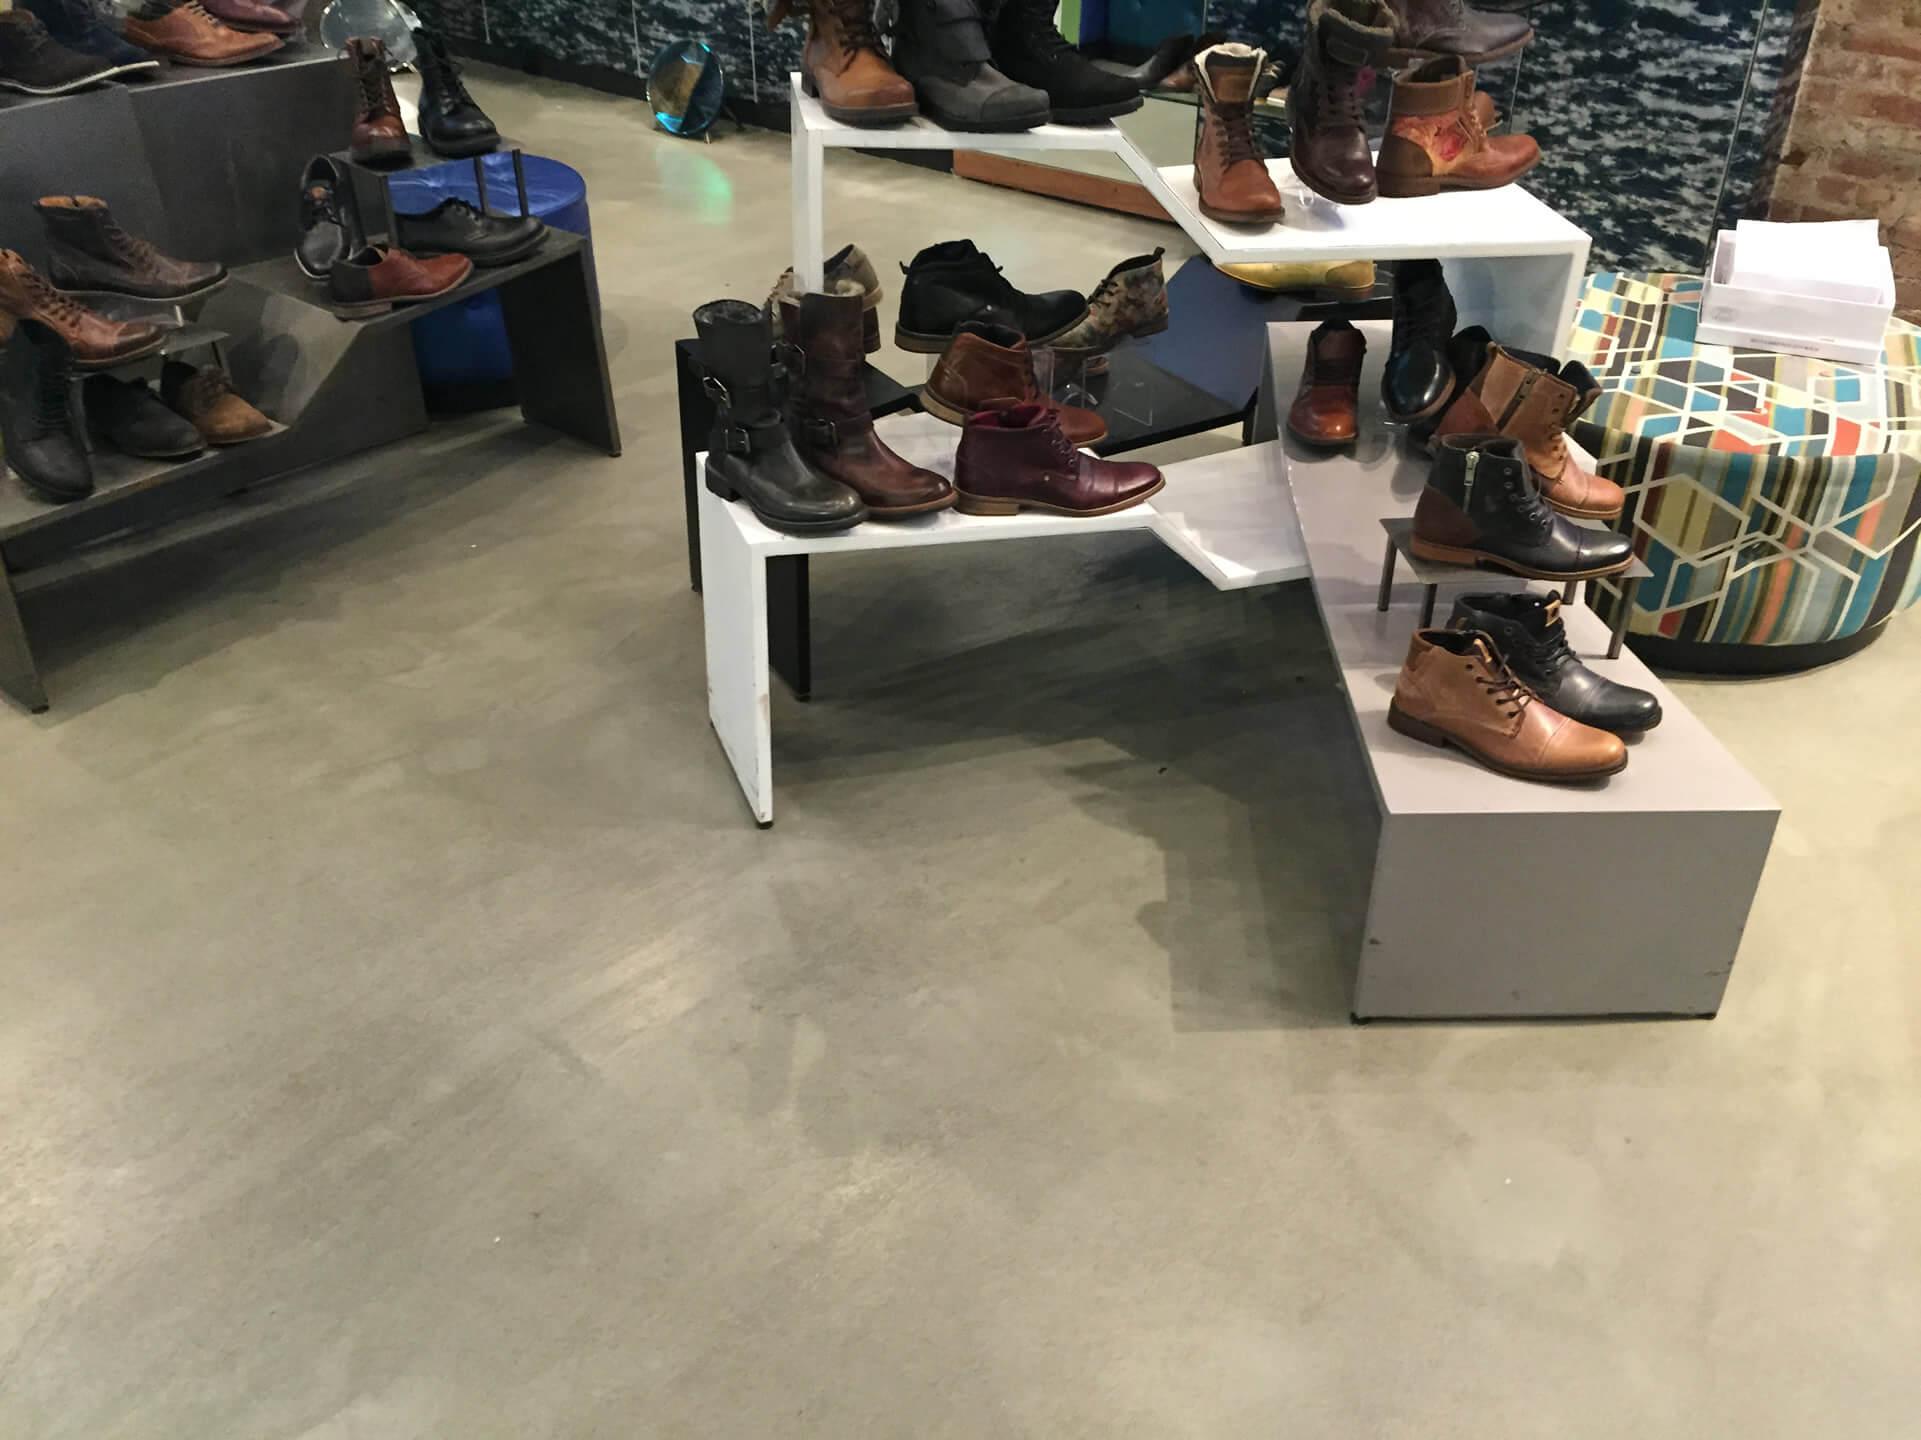 pavimento in resina in un negozio di calzature